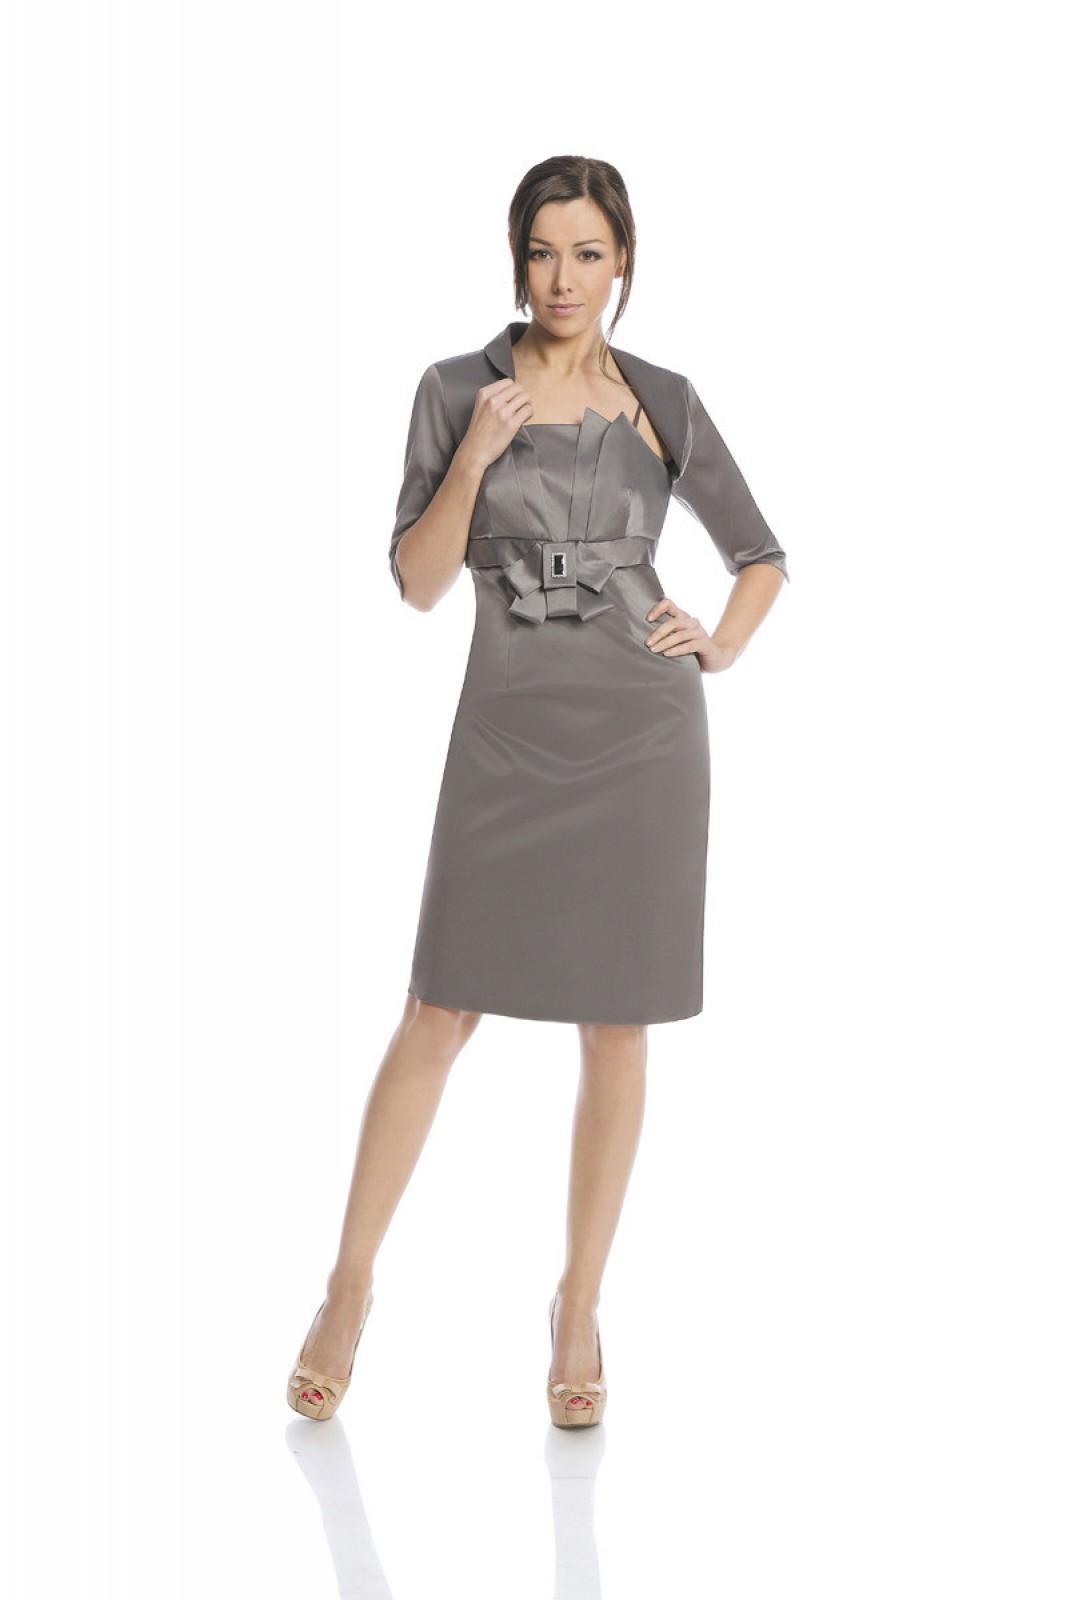 Cocktailkleid satin – Beliebte Kleidermodelle 2018